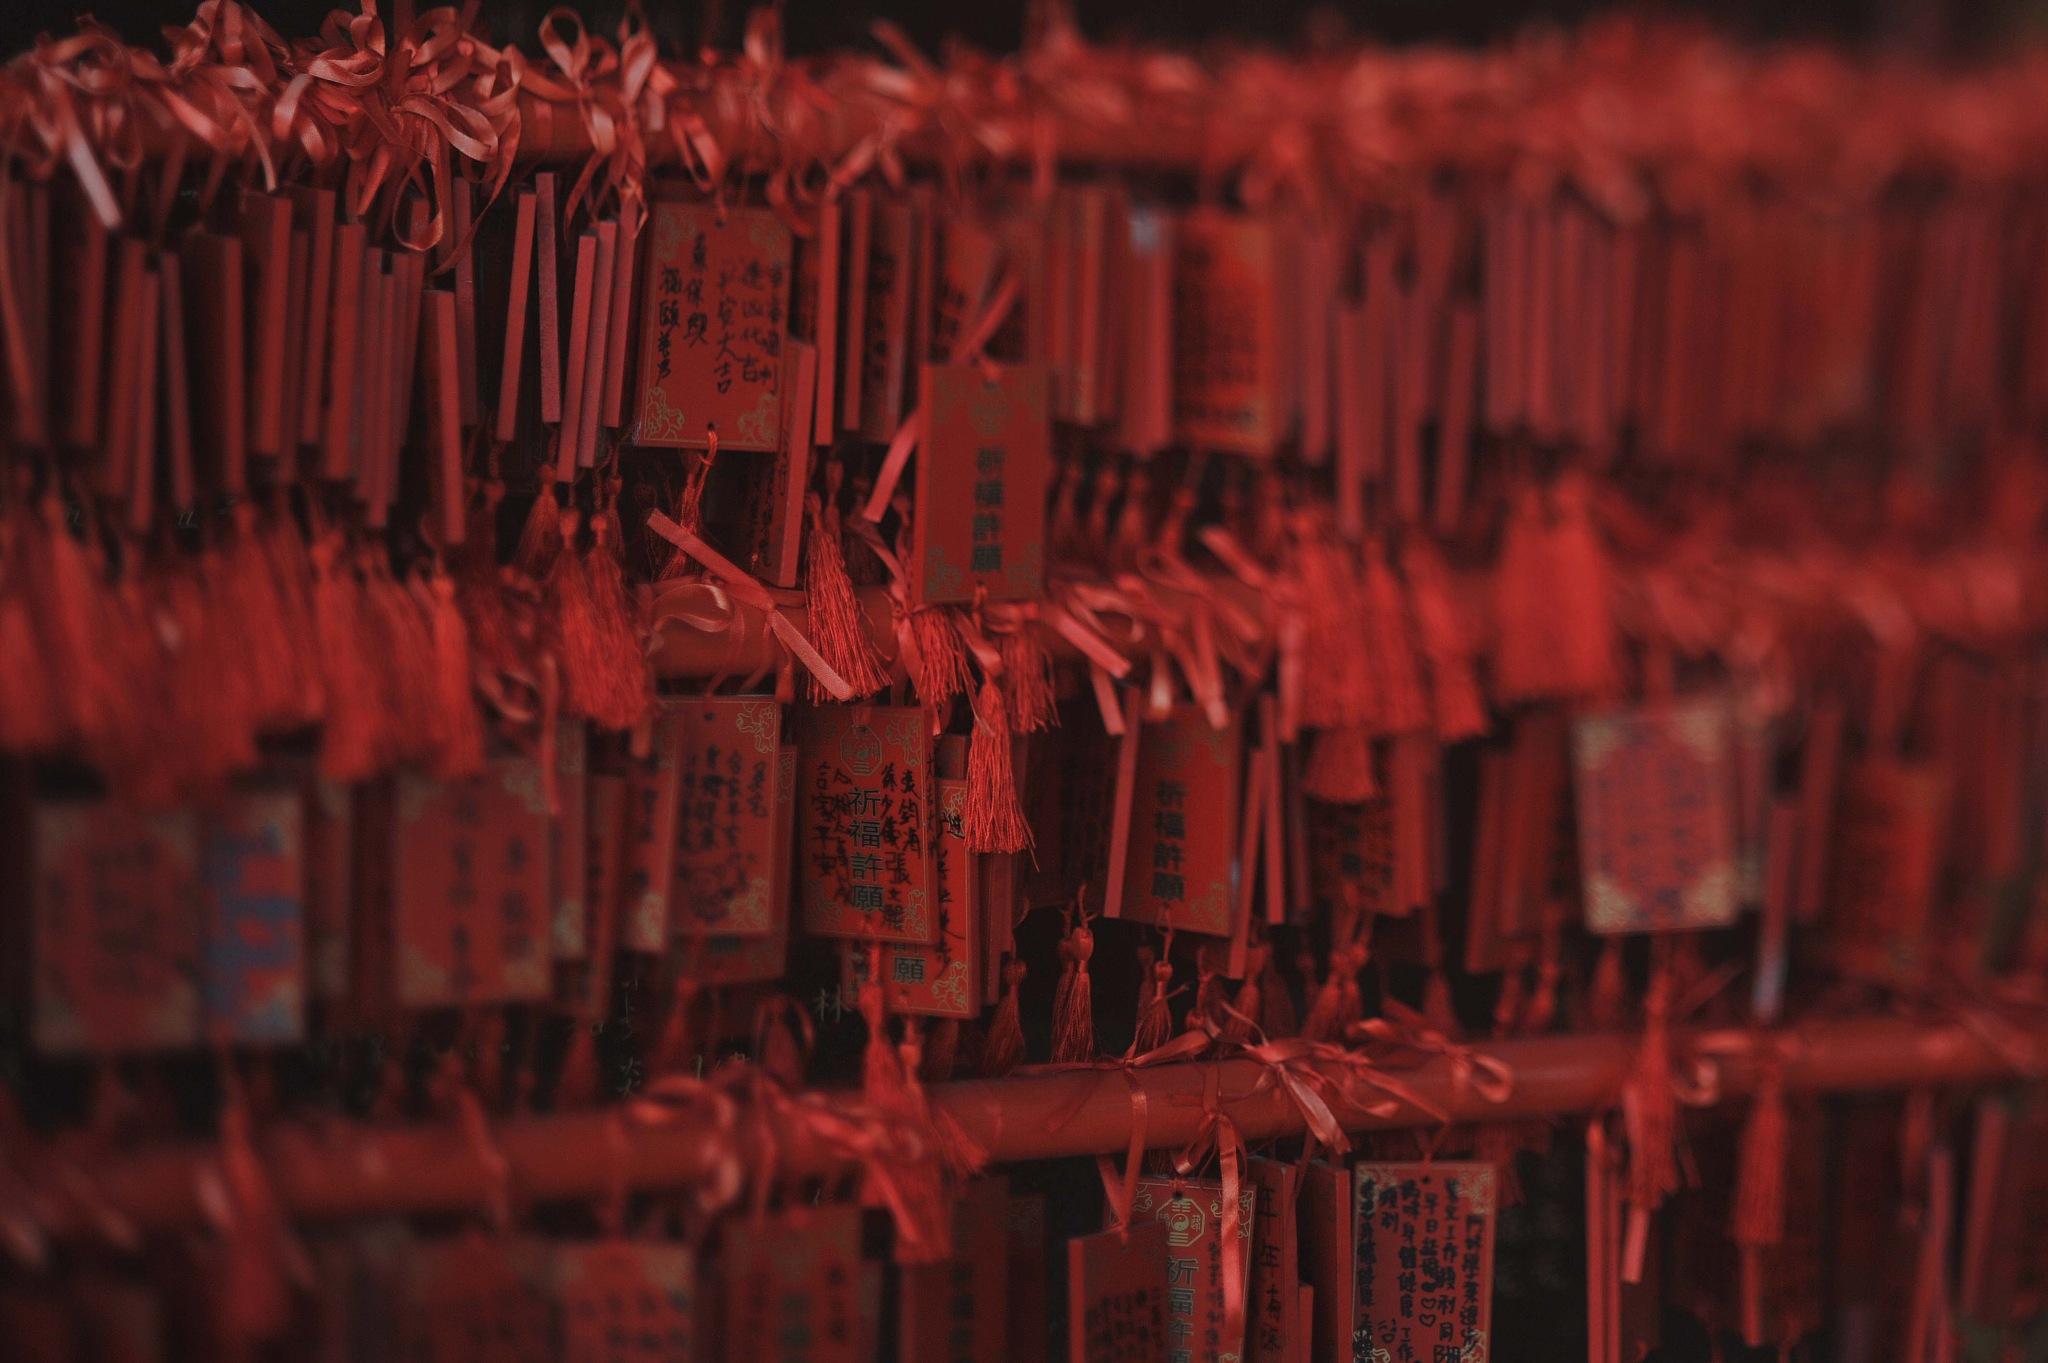 ...at Fung Ying Seen Koon... by cyccanhk